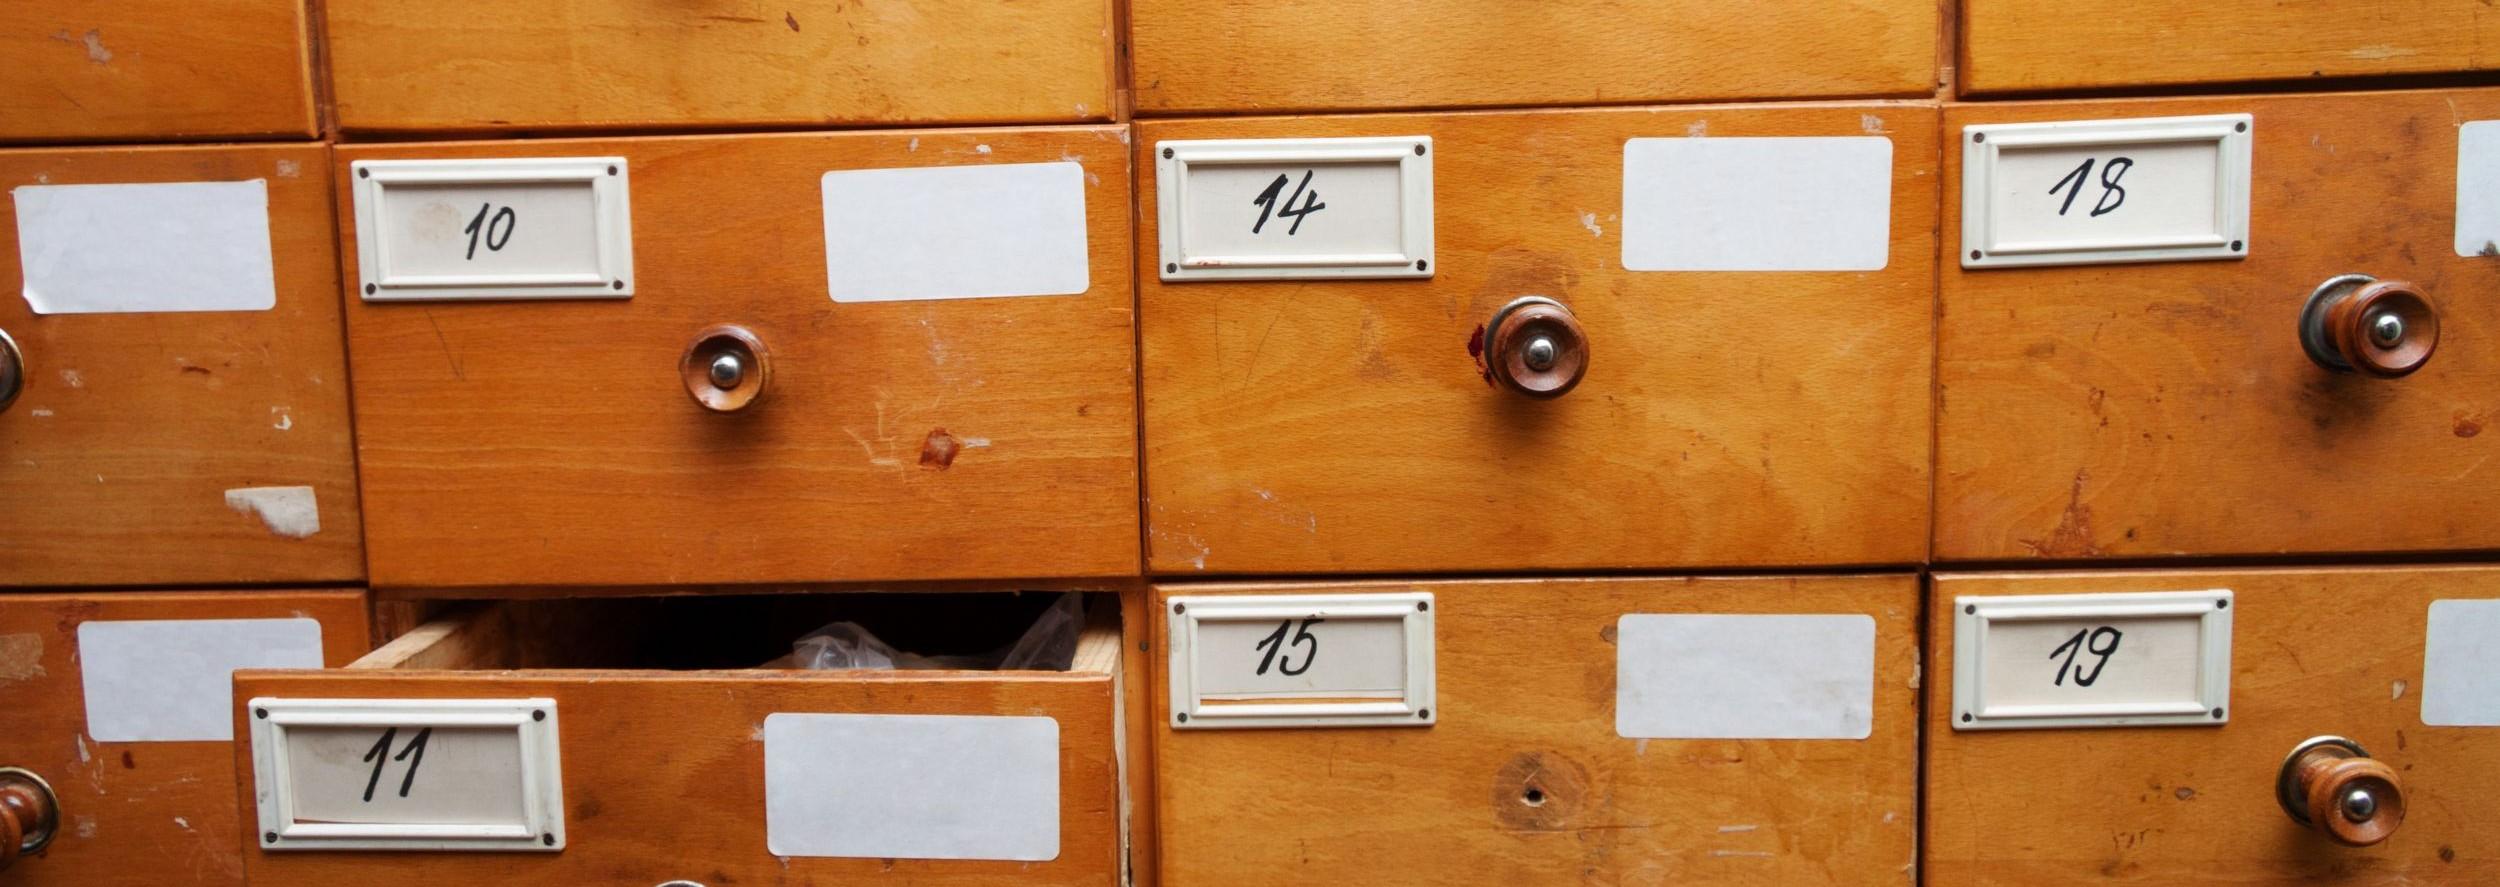 Архив рассылок